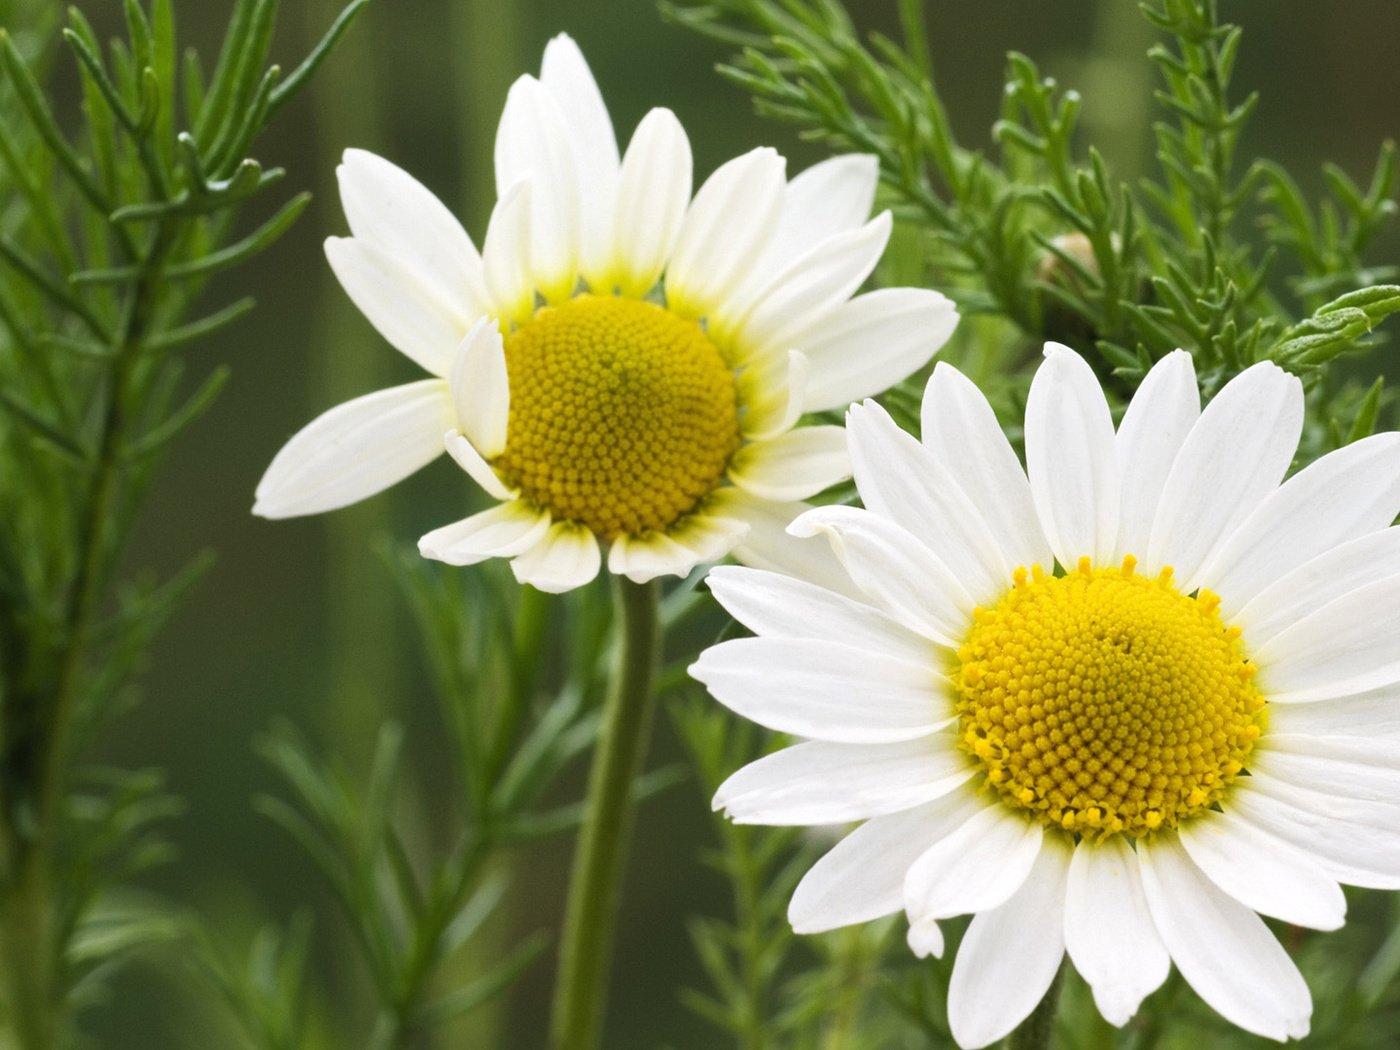 оригинальные, красочные фото цветка ромашки хотя евгения